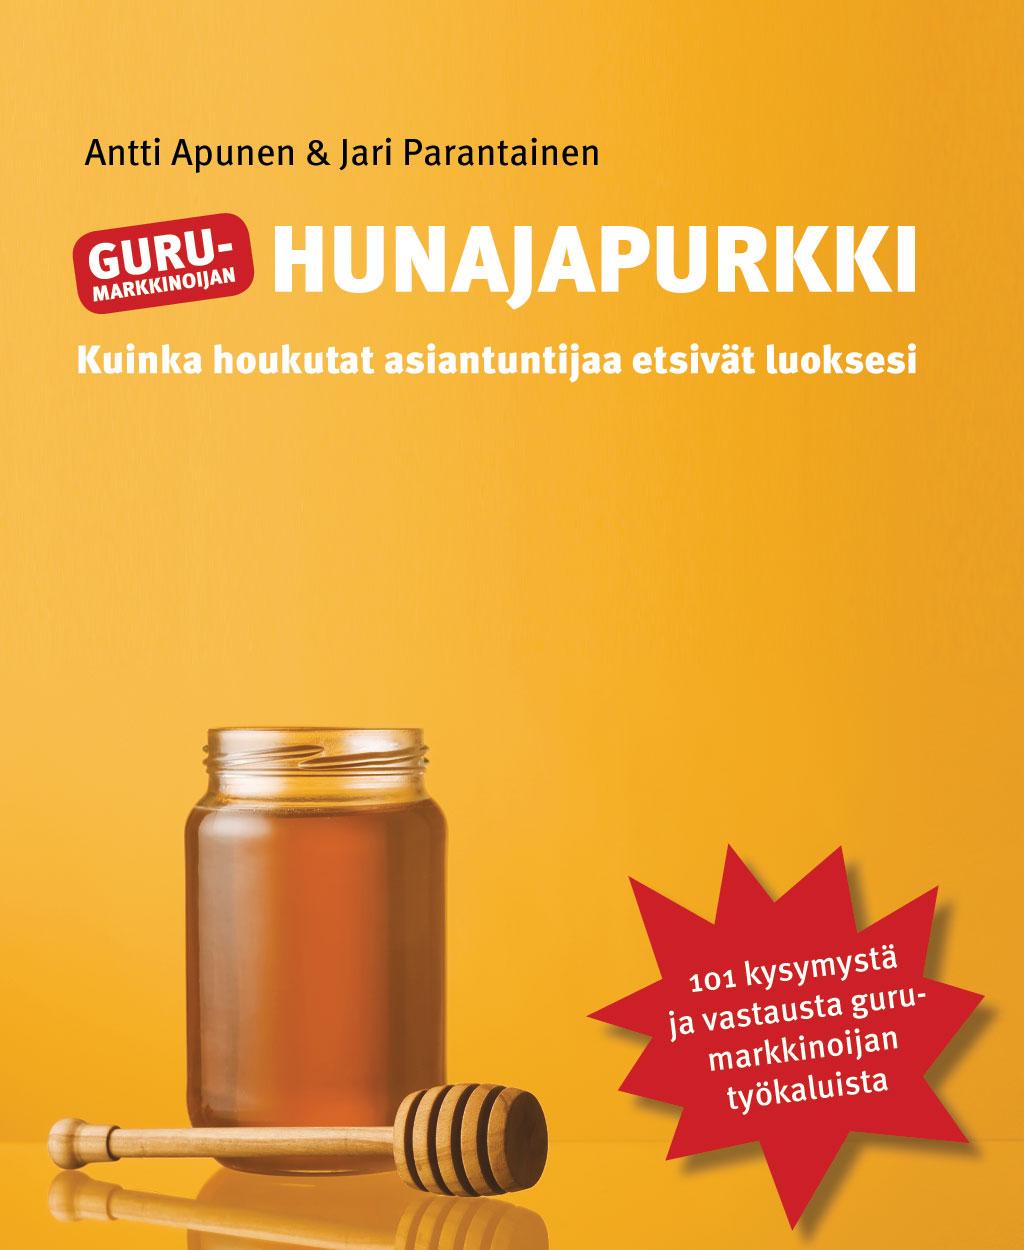 Gurumarkkinoijan Hunajapurkki -kirjan kansiluonnos 5